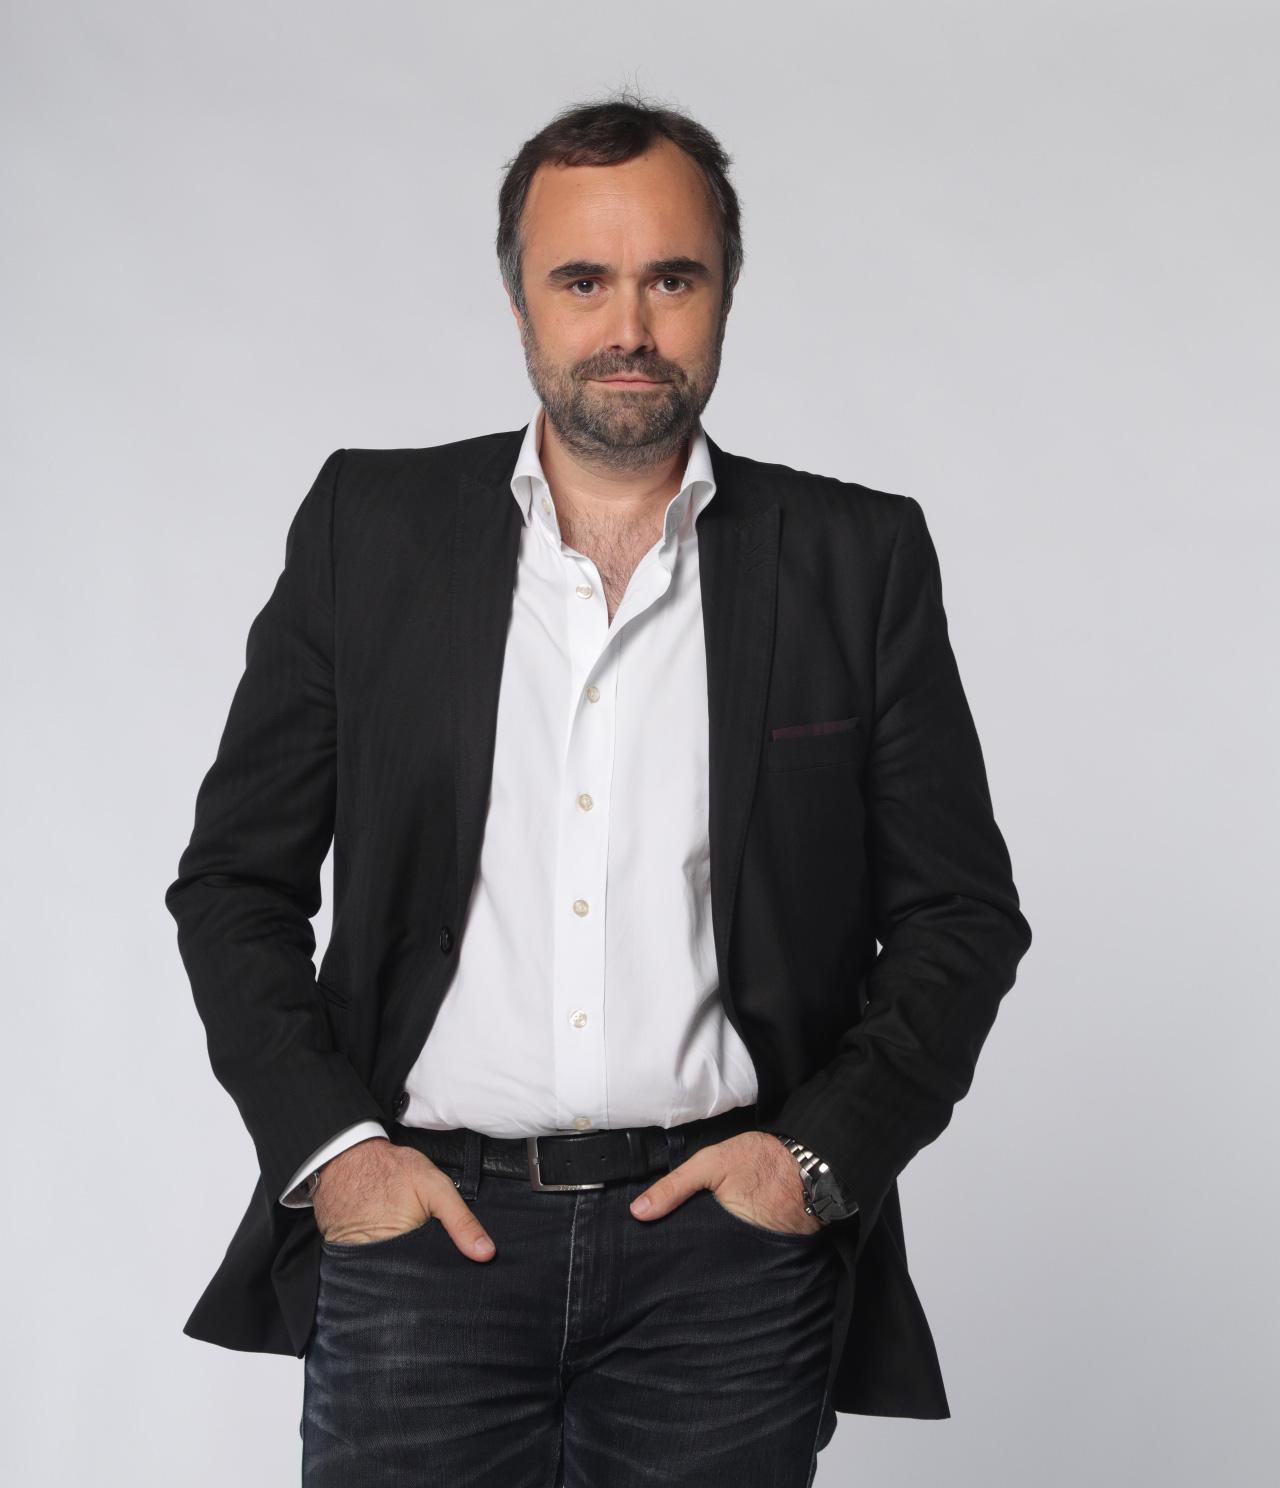 Gaël Sanquer apprécie quotidiennement les infos de La Lettre Pro - Crédit : François Berthier